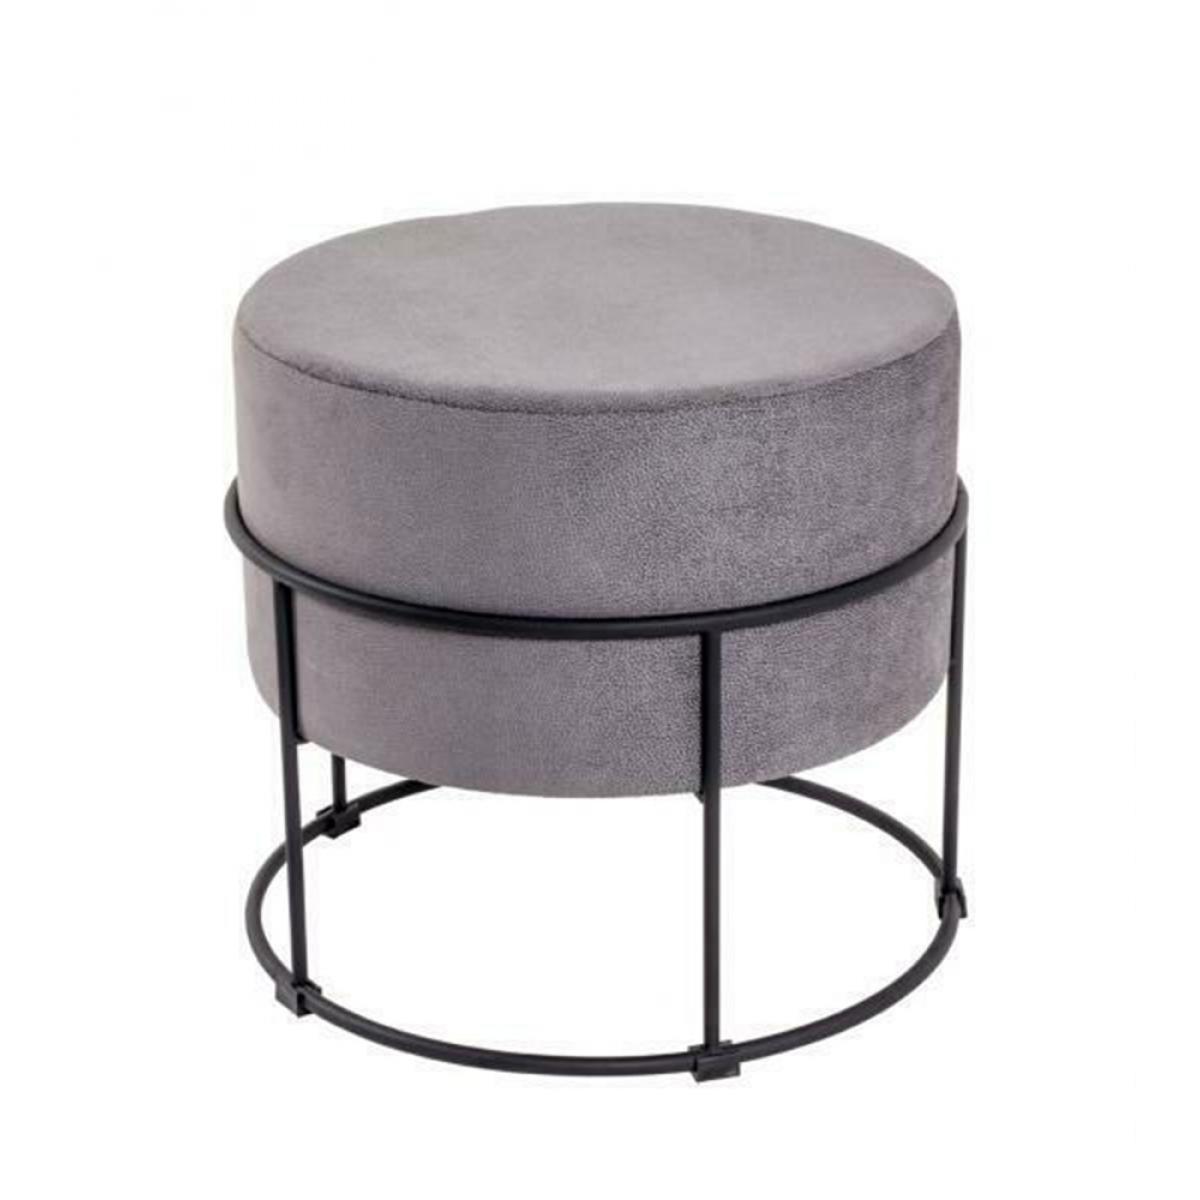 Pegane Tabouret coloris gris-noir en métal - H 44 x Ø 48 cm